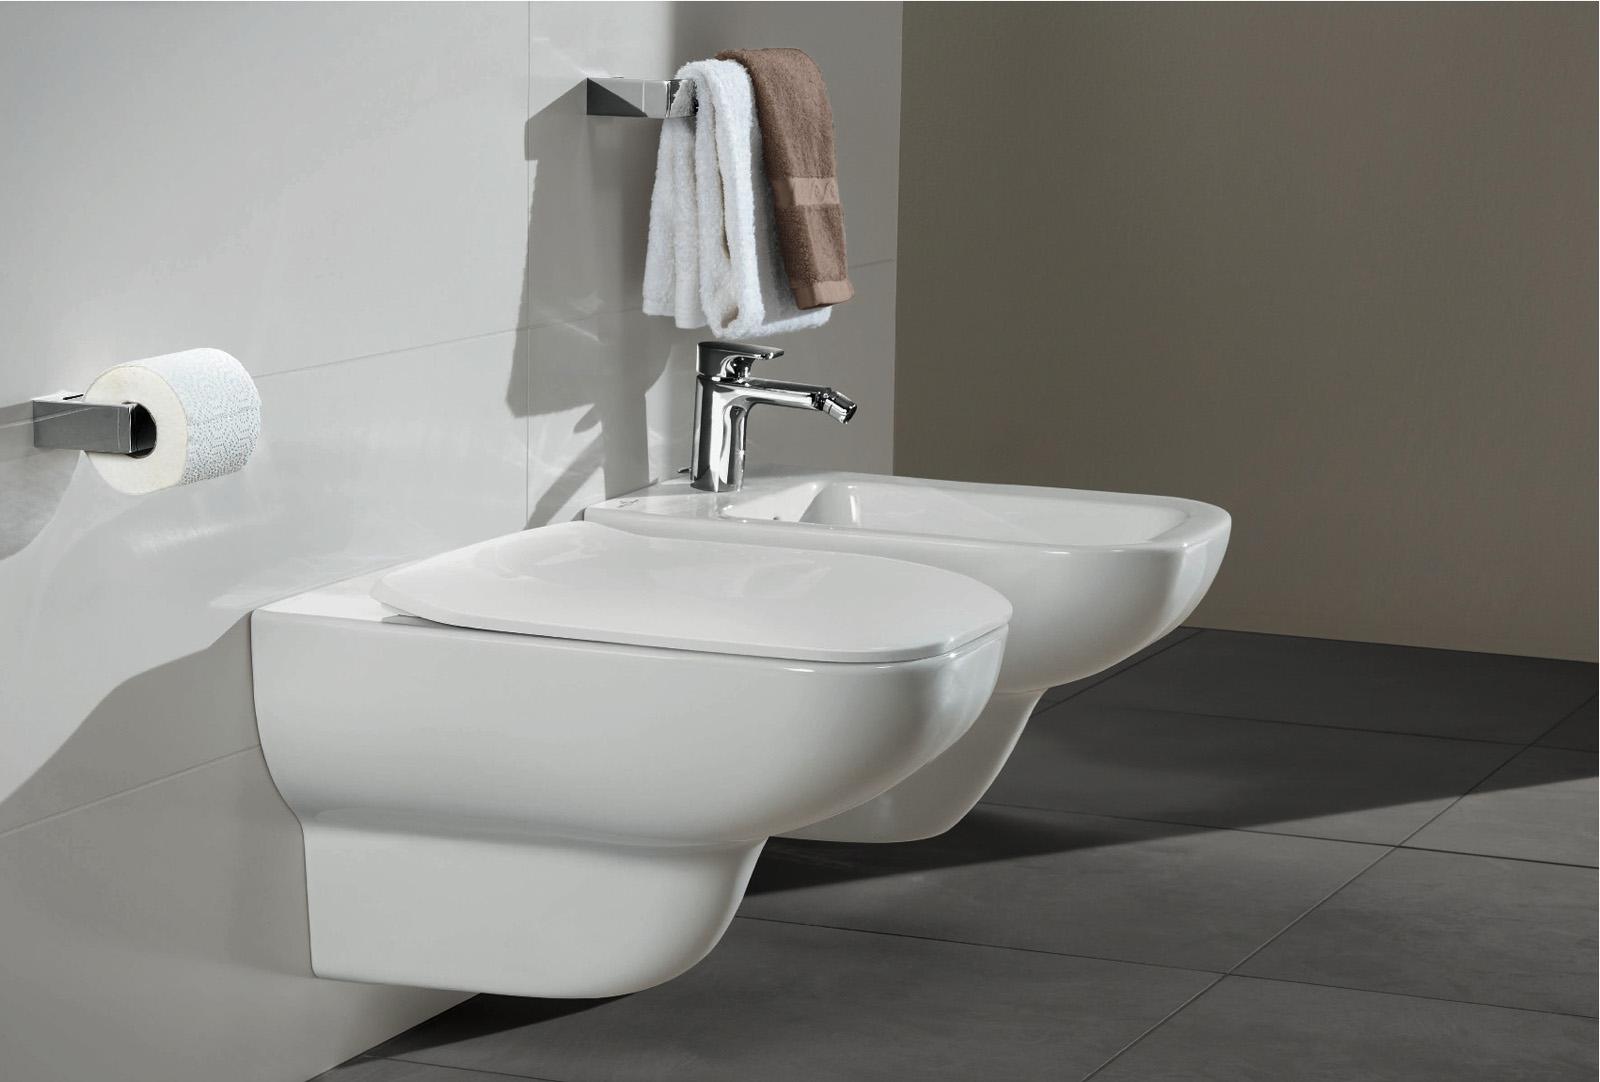 sanitari dolomite ~ Comarg.com = Lussuoso Design del Bagno con ...